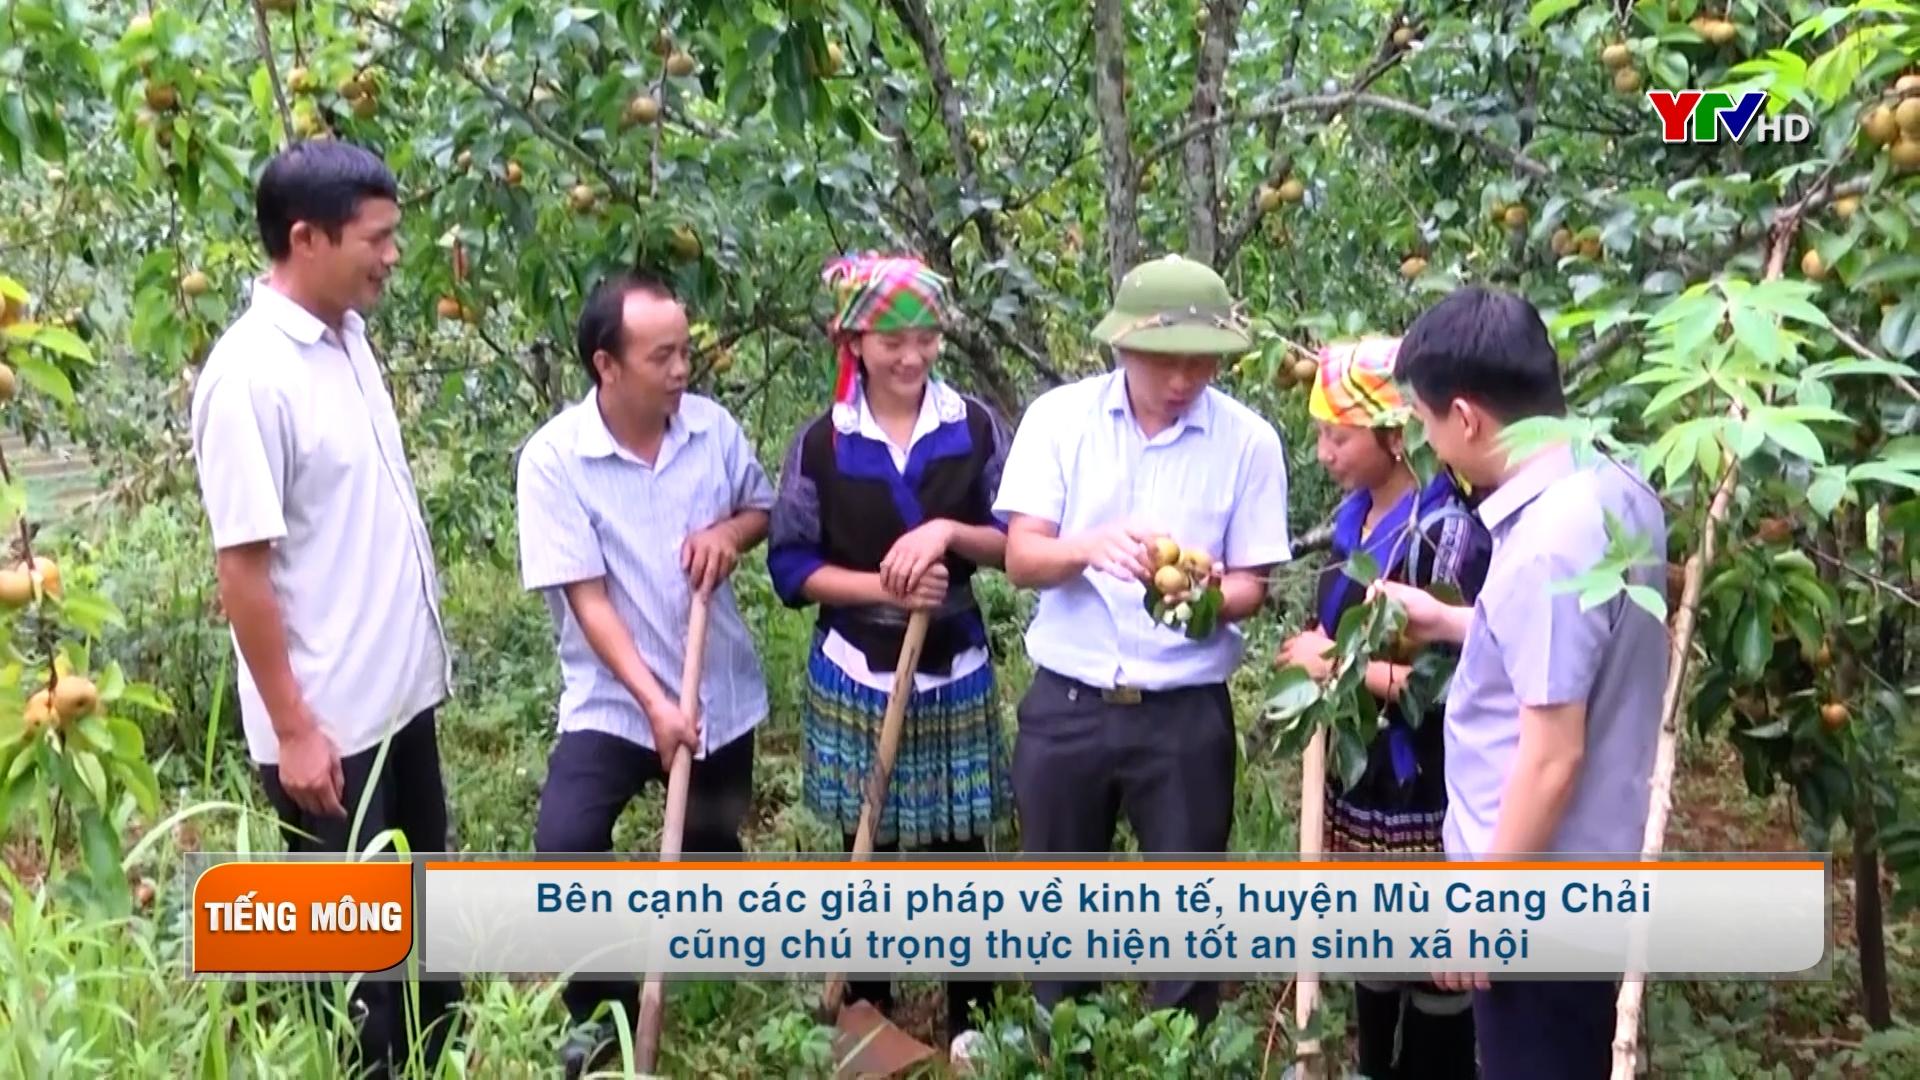 Tạp chí truyền hình tiếng Mông số 3 tháng 4 năm 2021